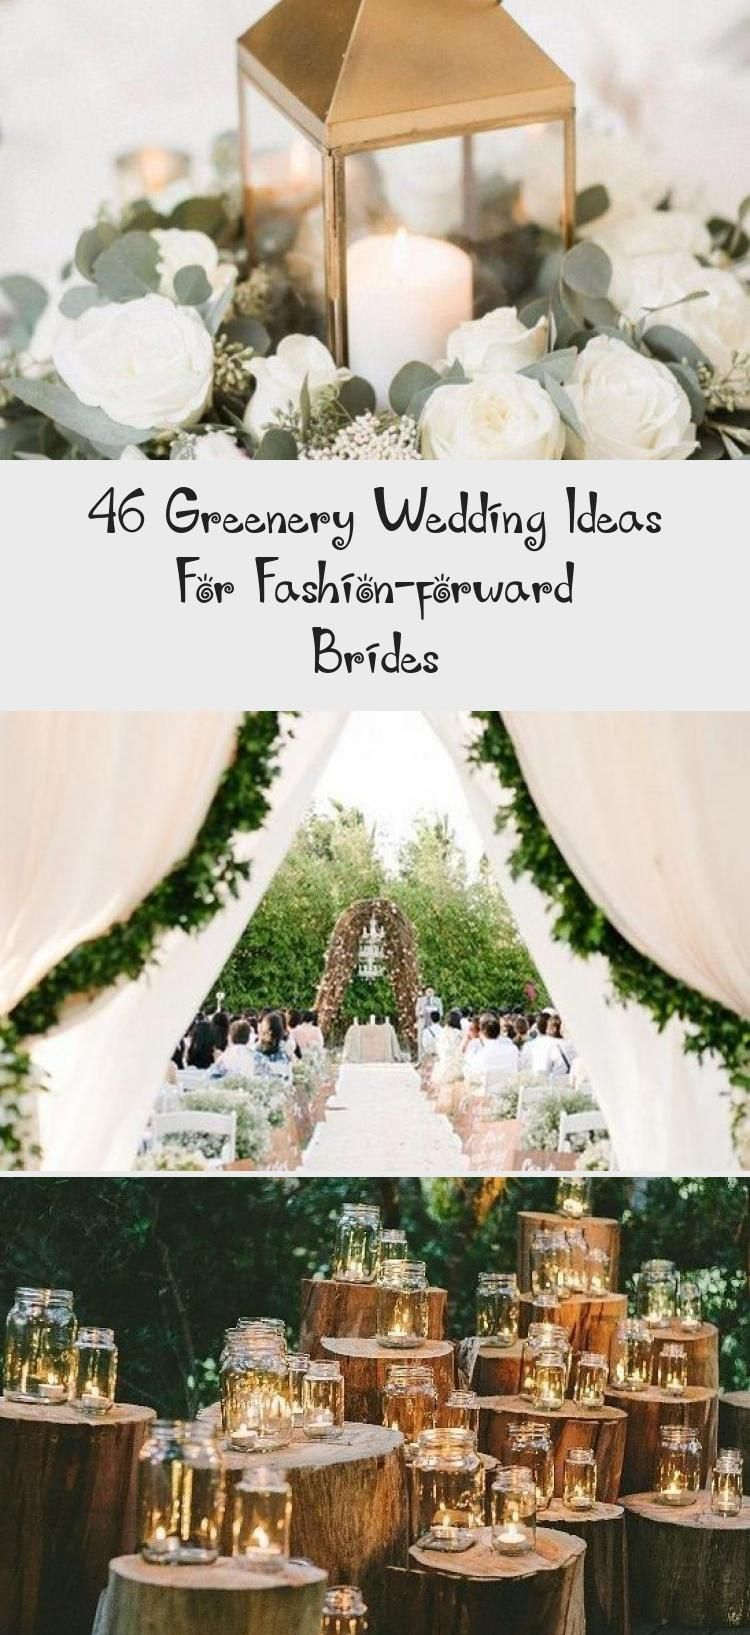 46 Greenery Wedding Ideas For Fashion Forward Brides Gardenweddingbouquet Gardenweddingstage In 2020 Greenery Wedding Garden Wedding Bouquet Secret Garden Wedding